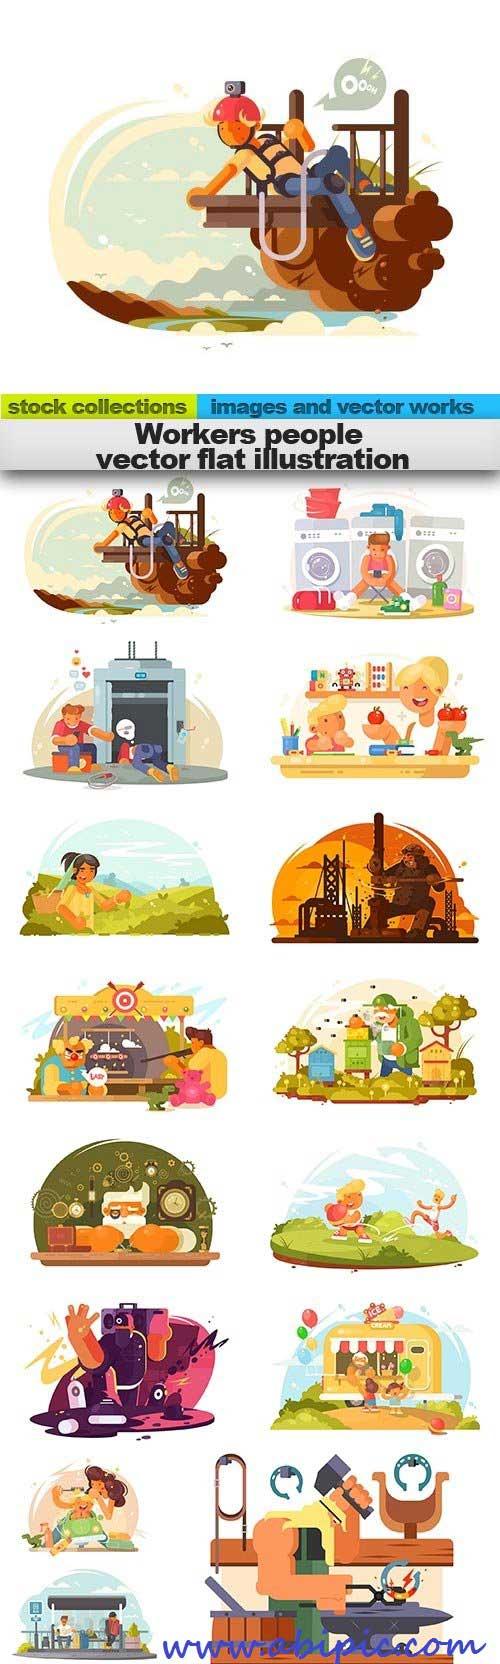 دانلود وکتور کارتونی مشاغل و کارگرها و کارمندان Workers people vector